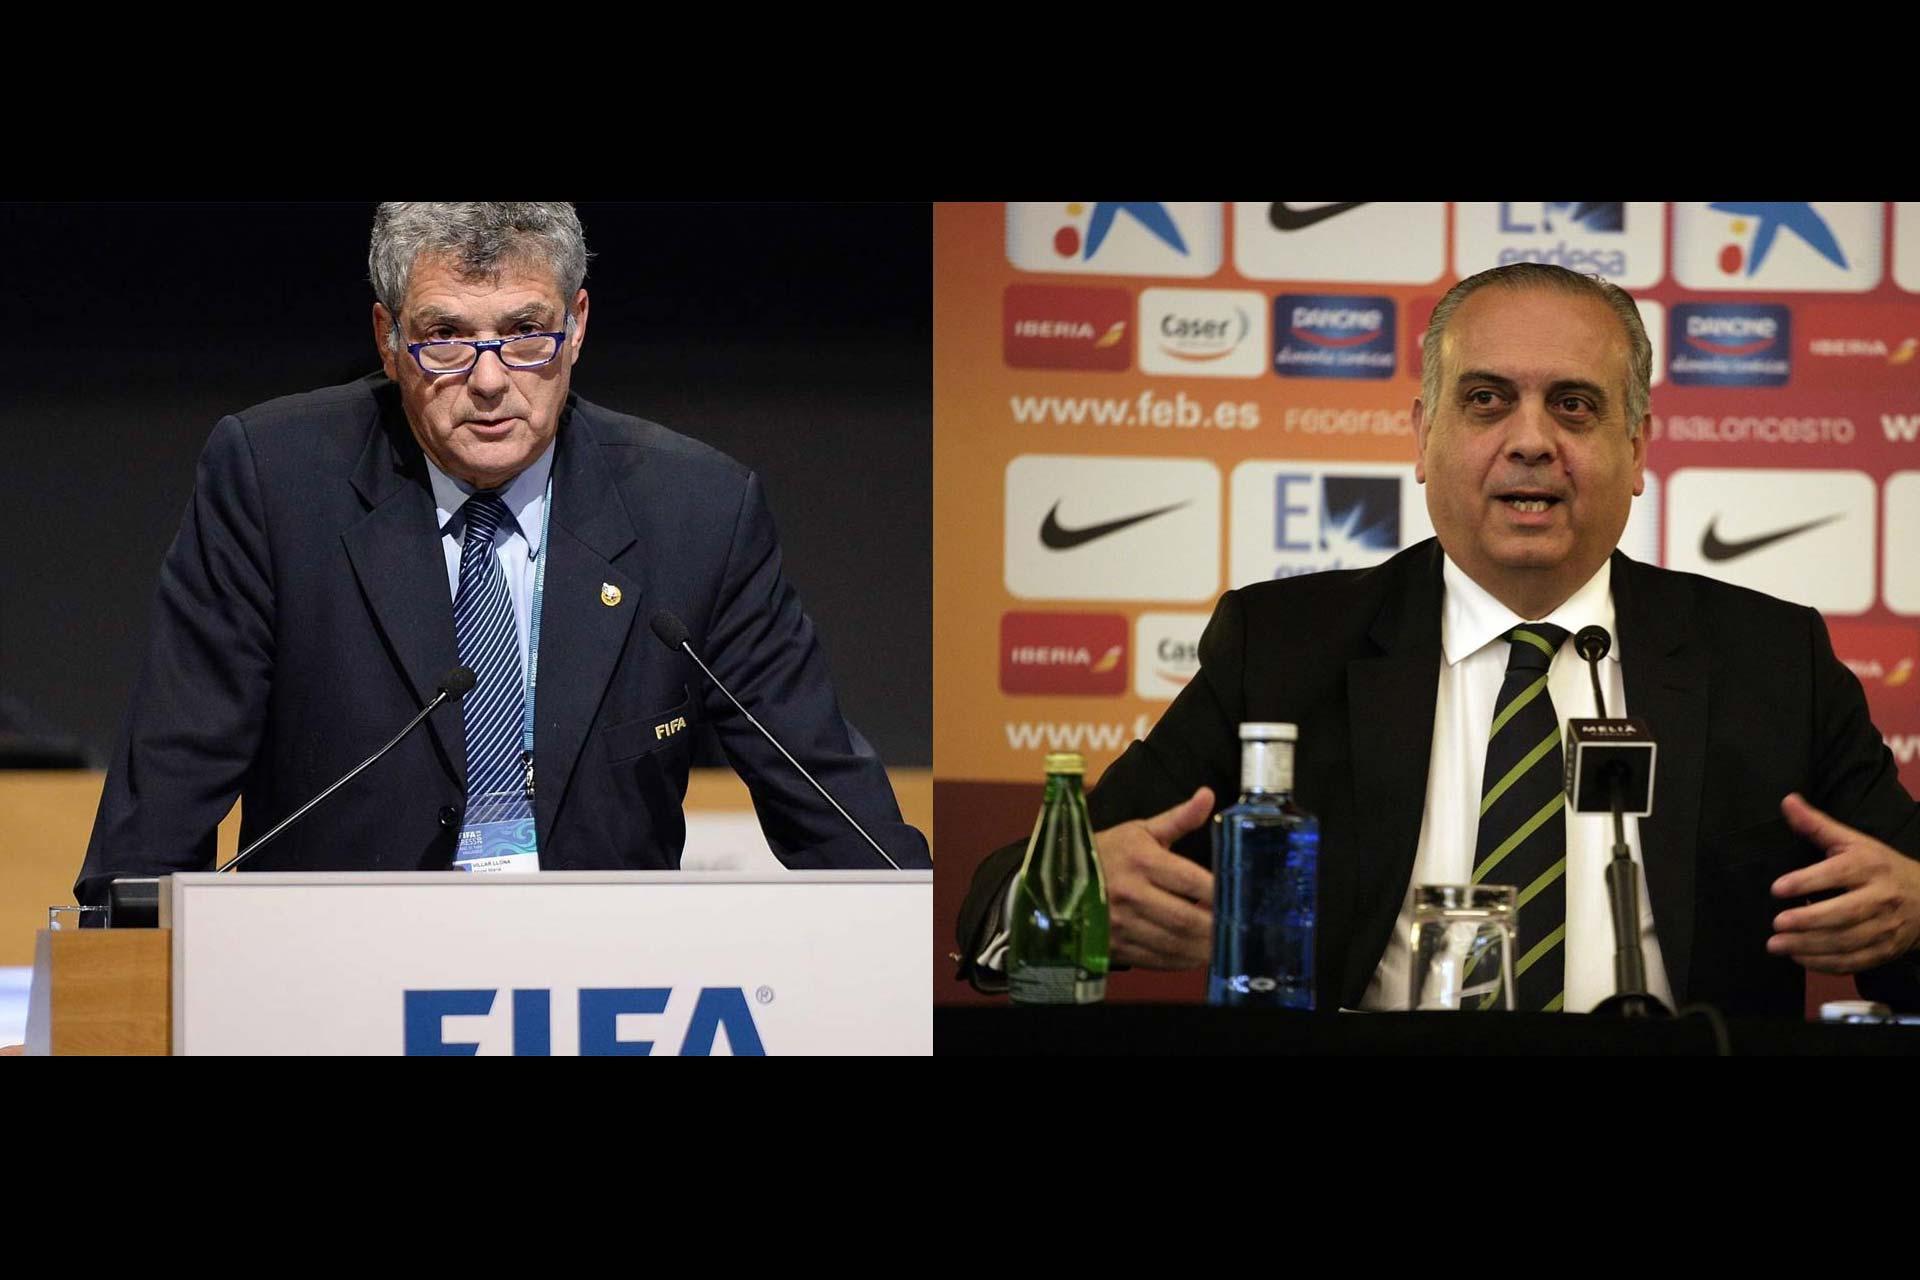 Las federaciones de fútbol y baloncesto serán investigadas por orden del Gobierno